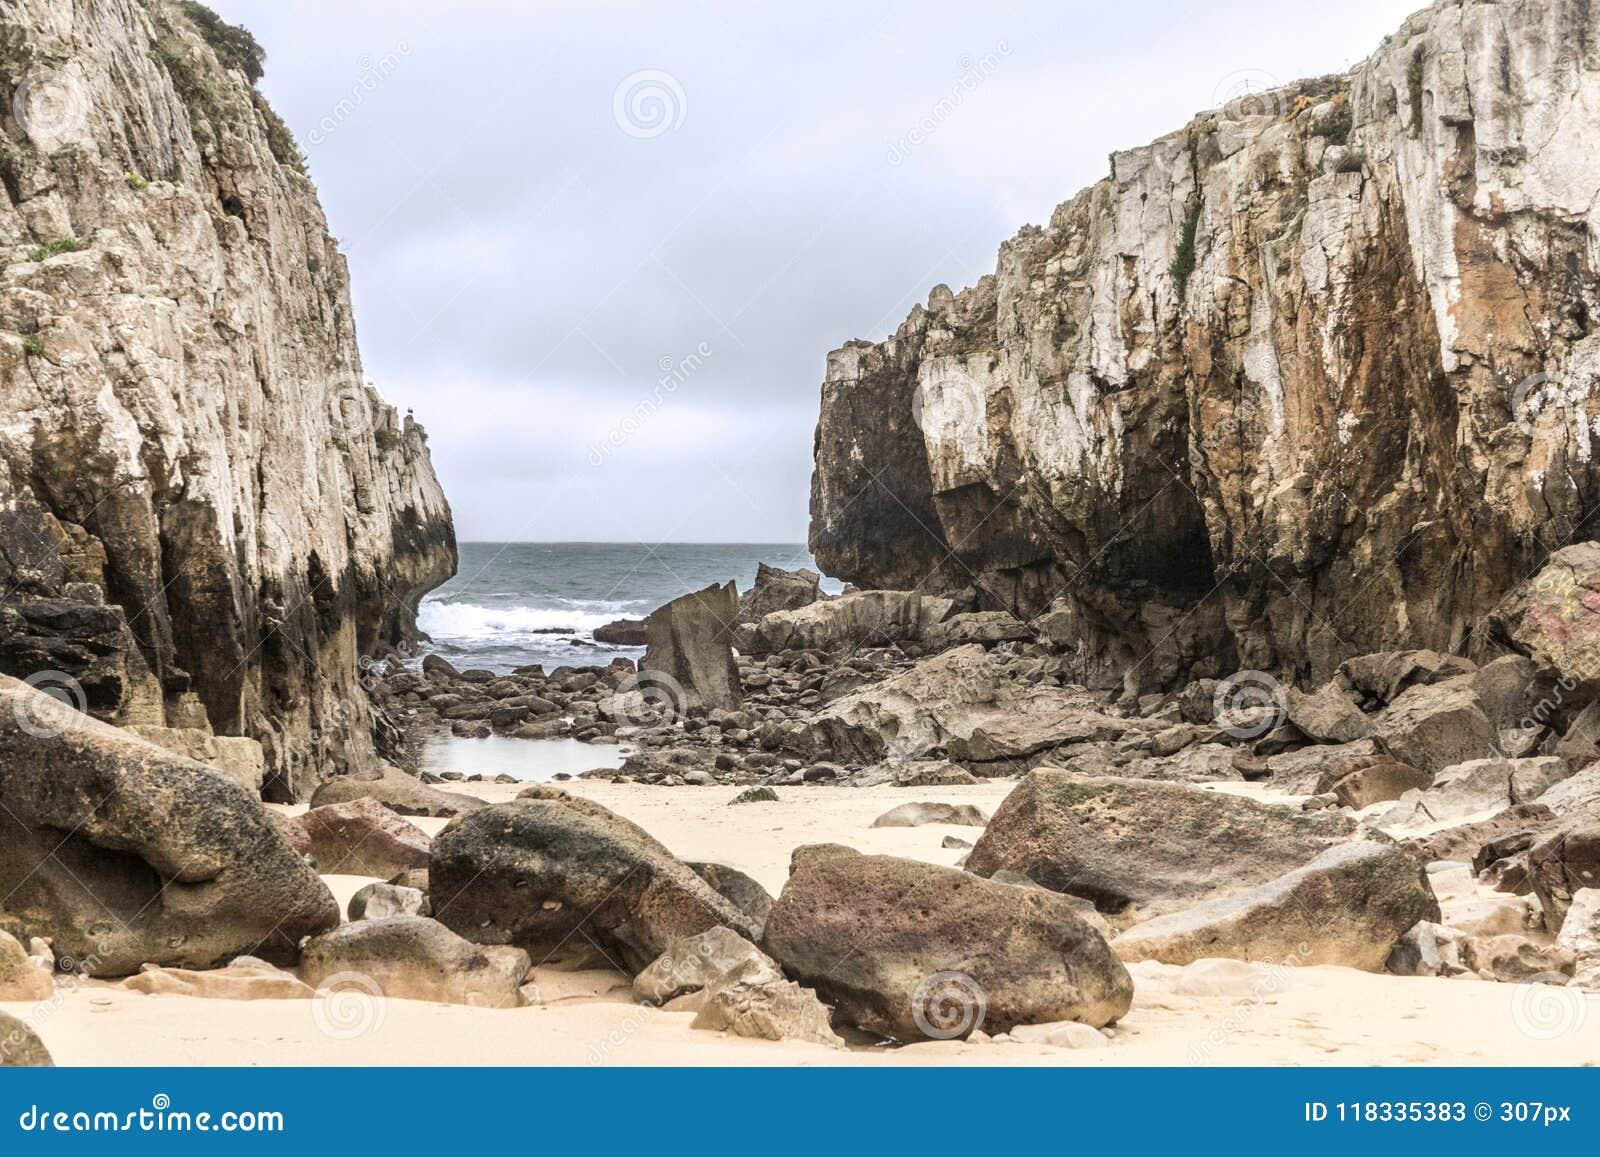 Praia escondida no meio de dois penhascos em um dia nebuloso